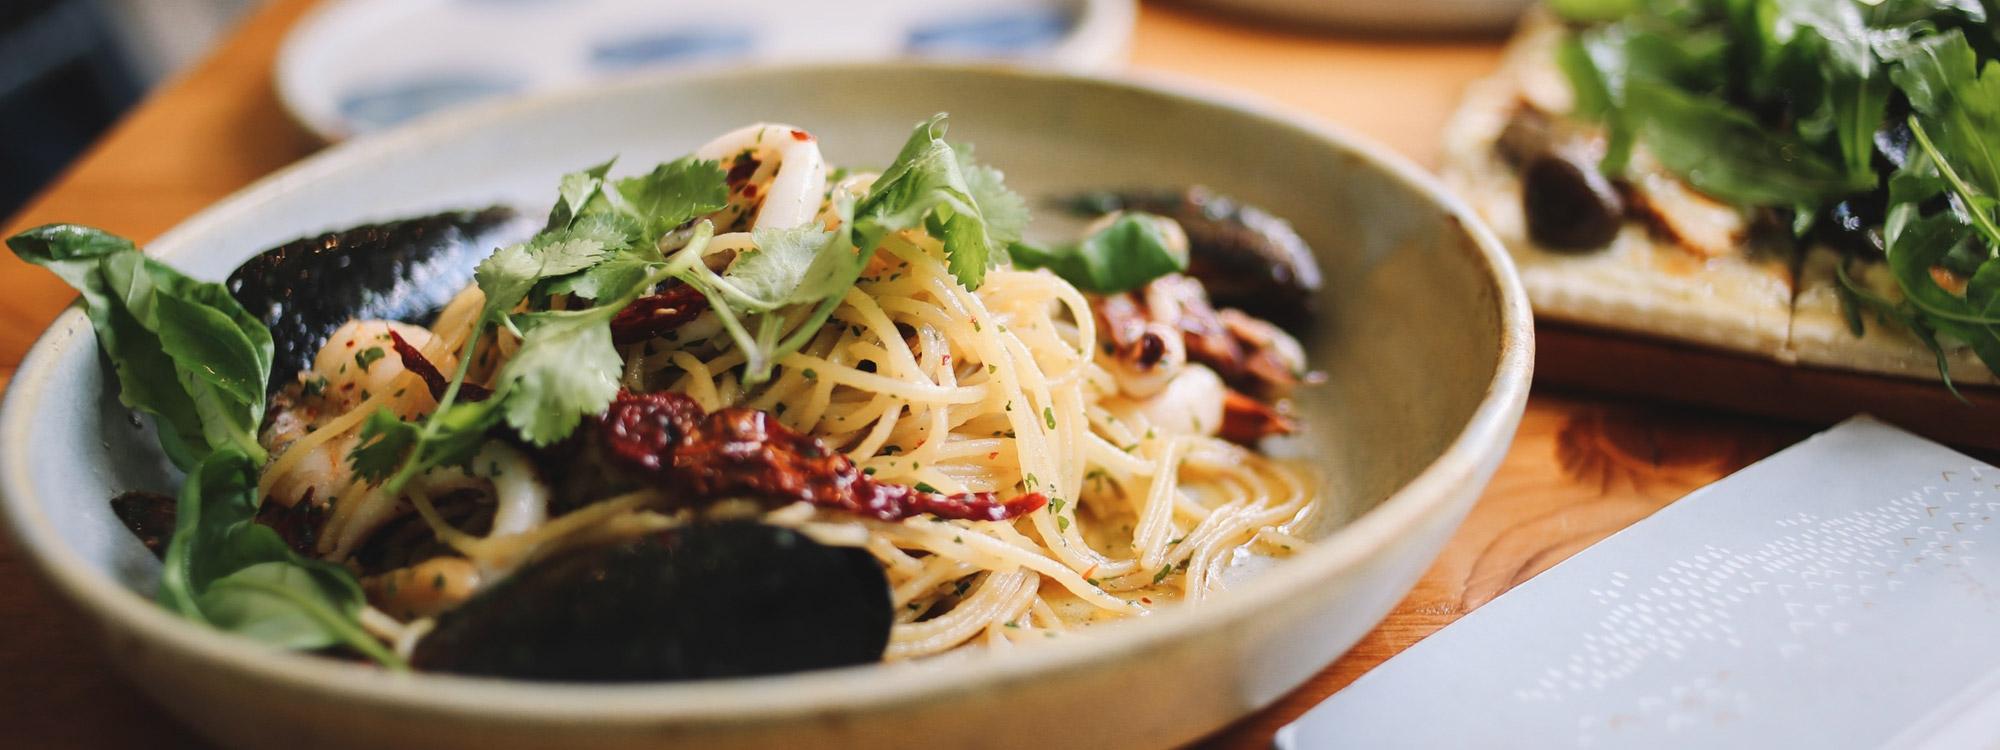 rezept des monats: pasta und meeresfrüchte